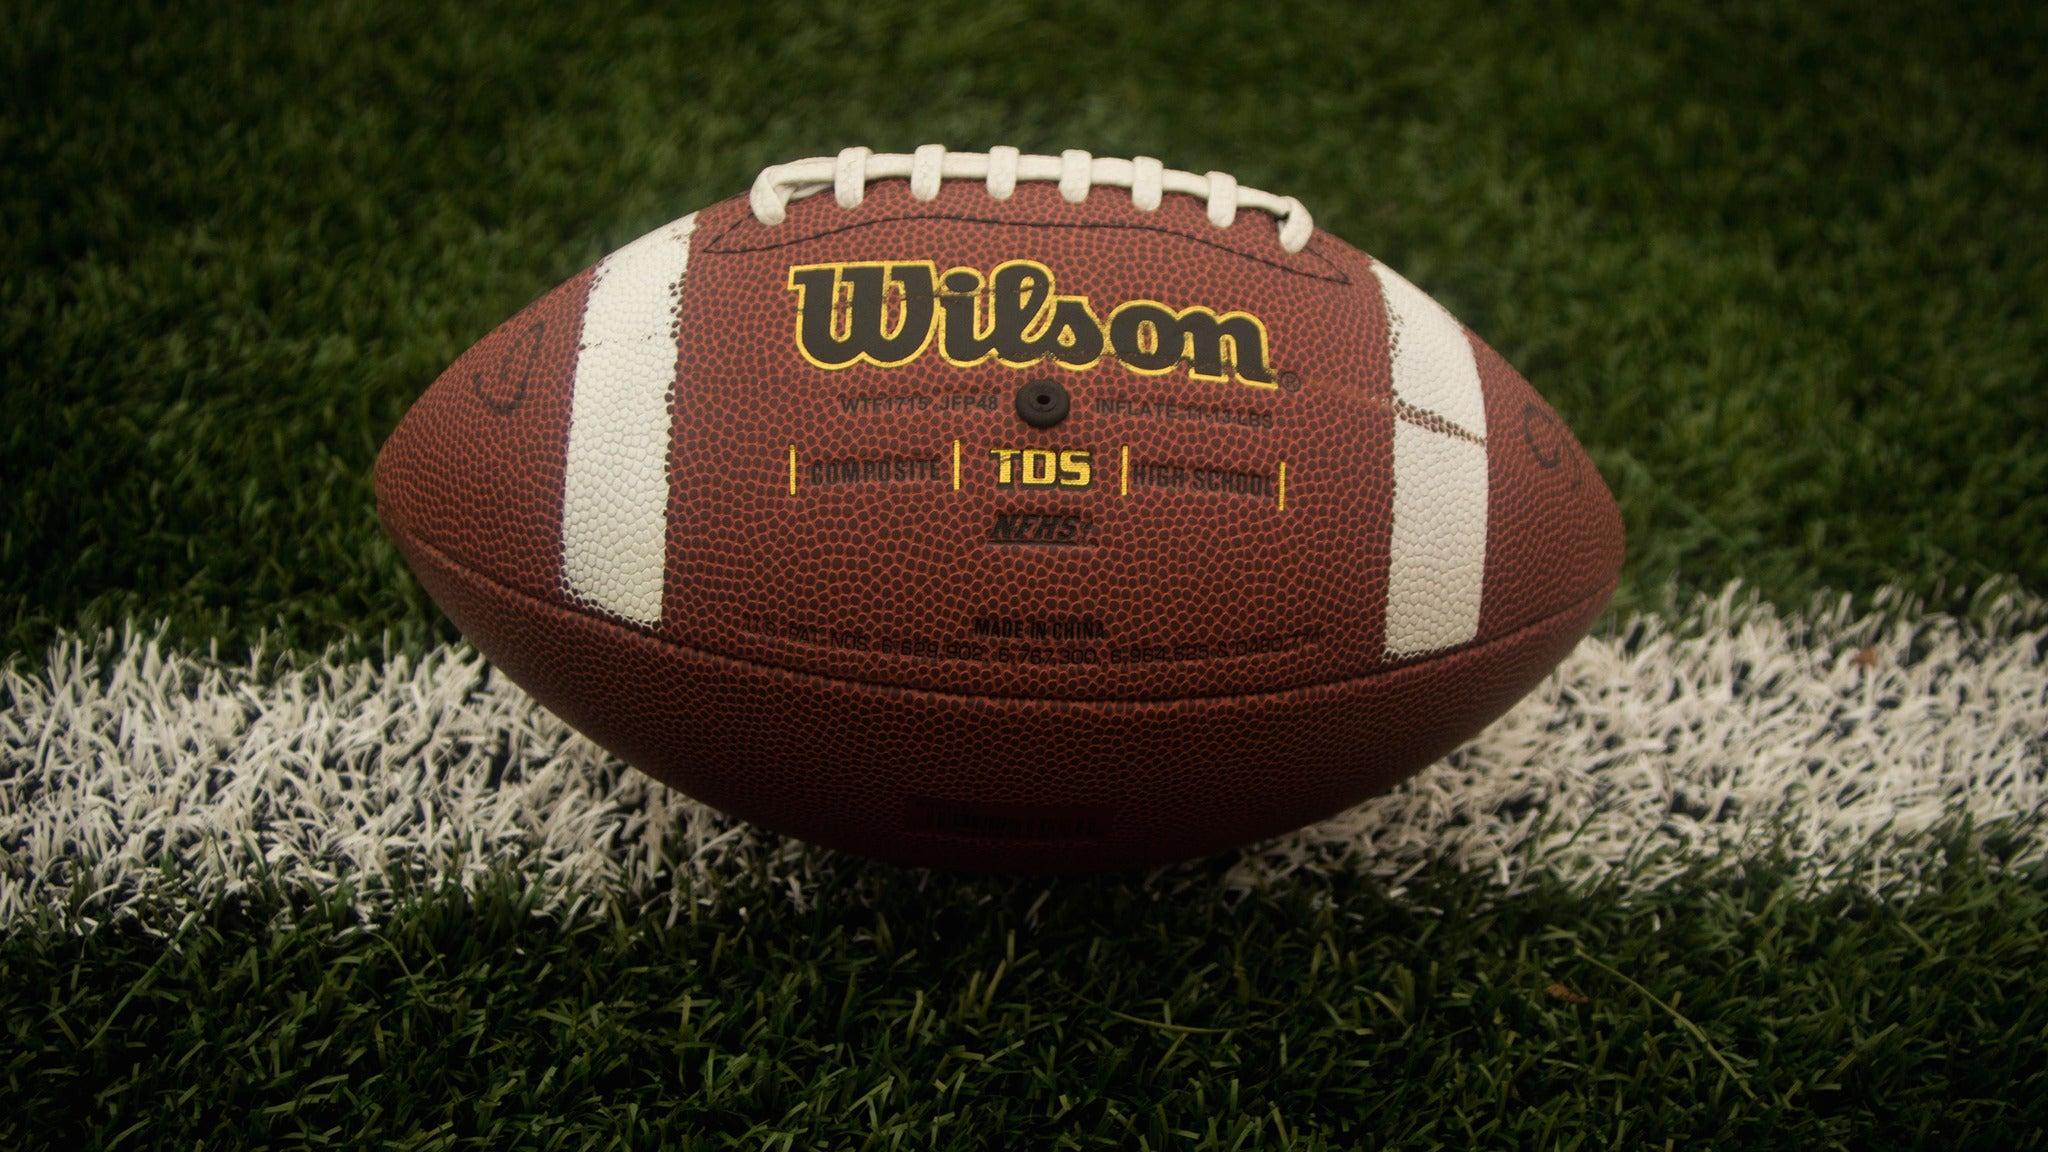 Maryland Terrapins Football at Michigan Wolverines Football